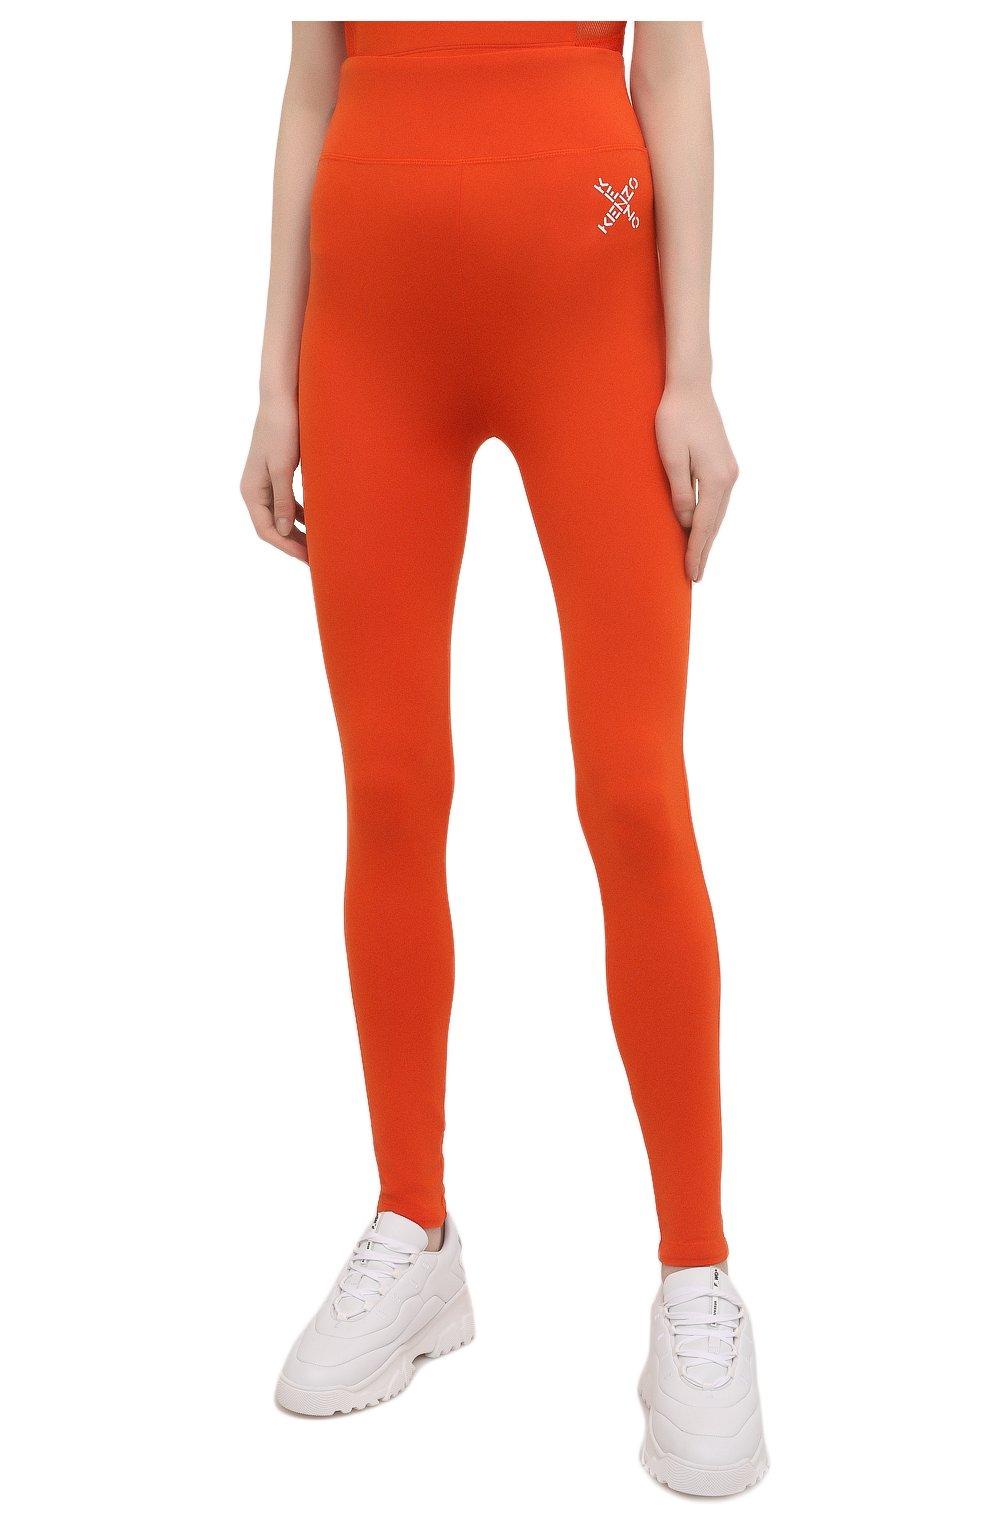 Женские леггинсы kenzo sport KENZO оранжевого цвета, арт. FA62PA7294SC   Фото 3 (Длина (брюки, джинсы): Стандартные; Материал внешний: Синтетический материал; Стили: Спорт-шик; Женское Кросс-КТ: Леггинсы-спорт)